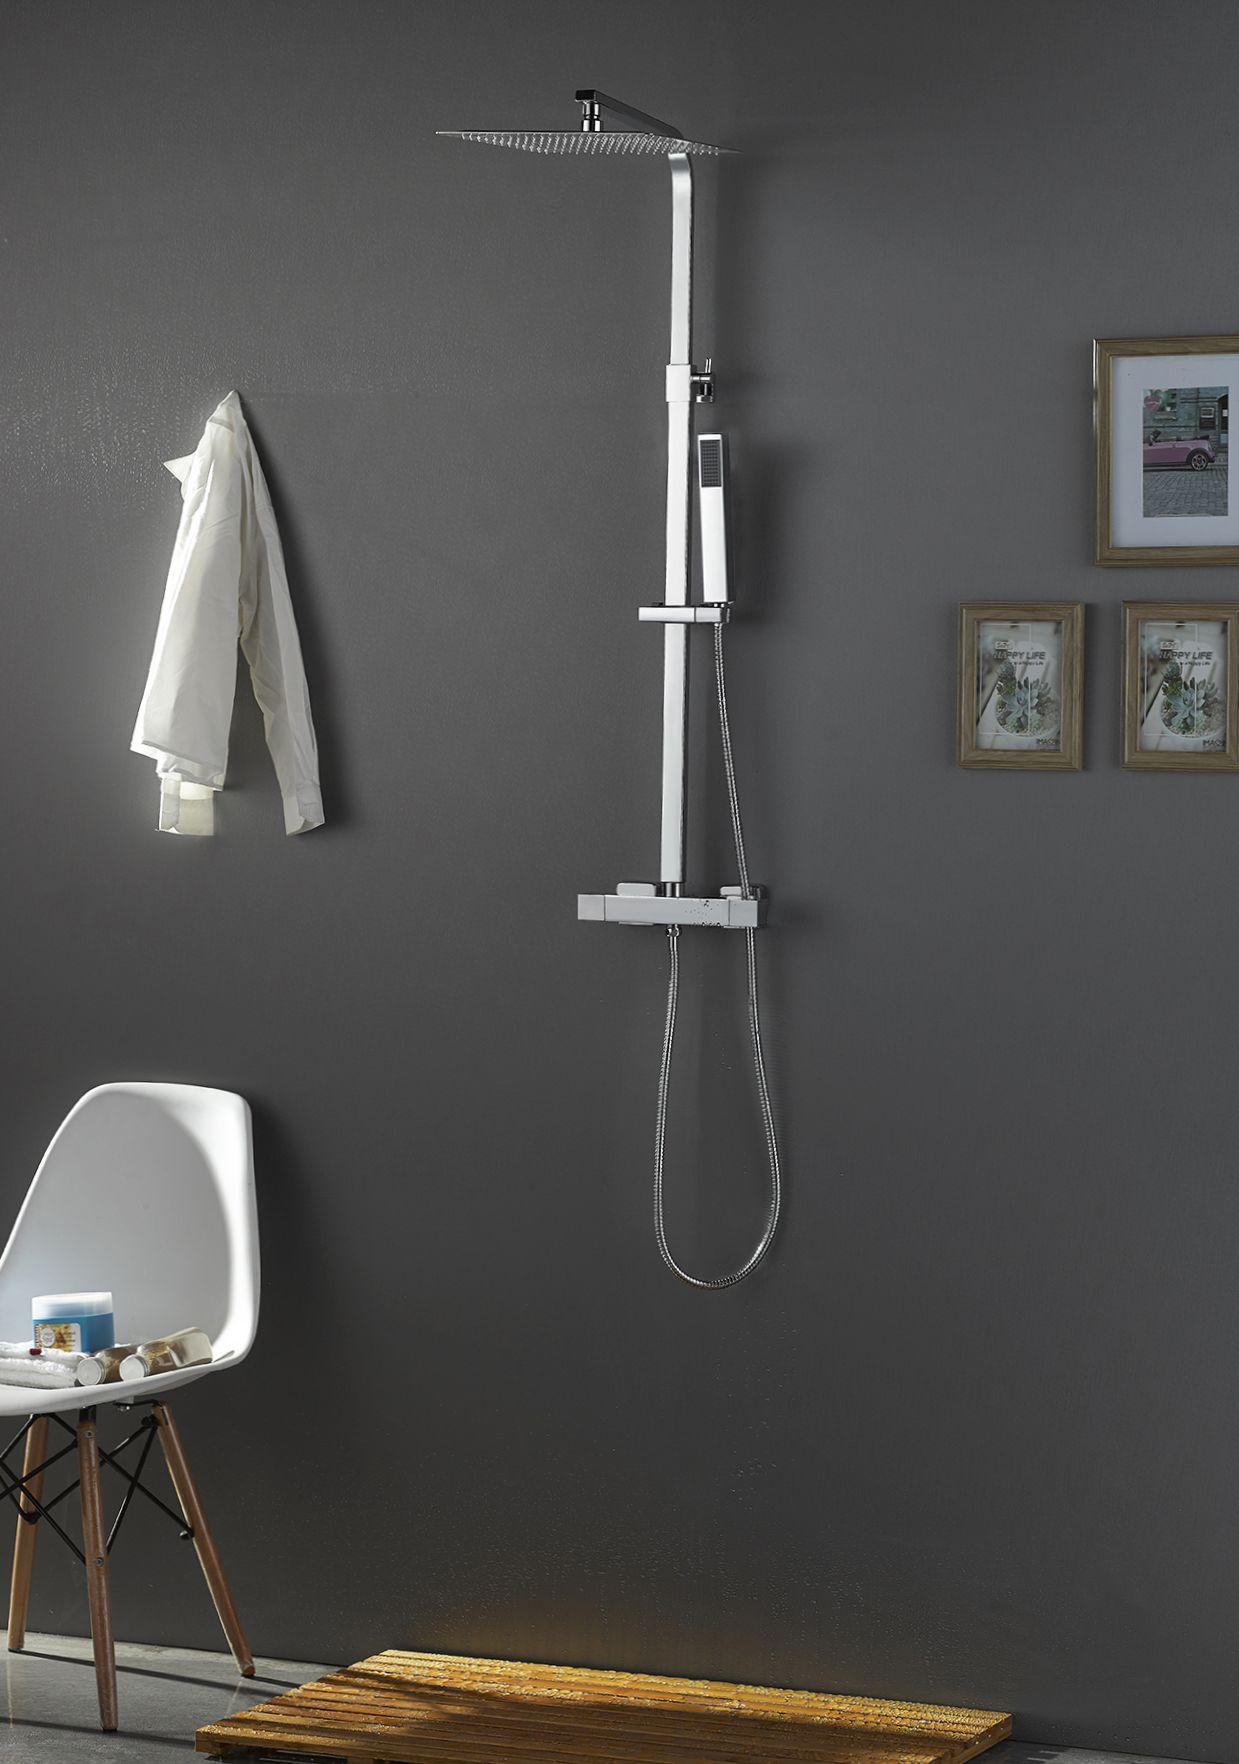 douche design 30 regendoucheset thermostaatkraan. Black Bedroom Furniture Sets. Home Design Ideas